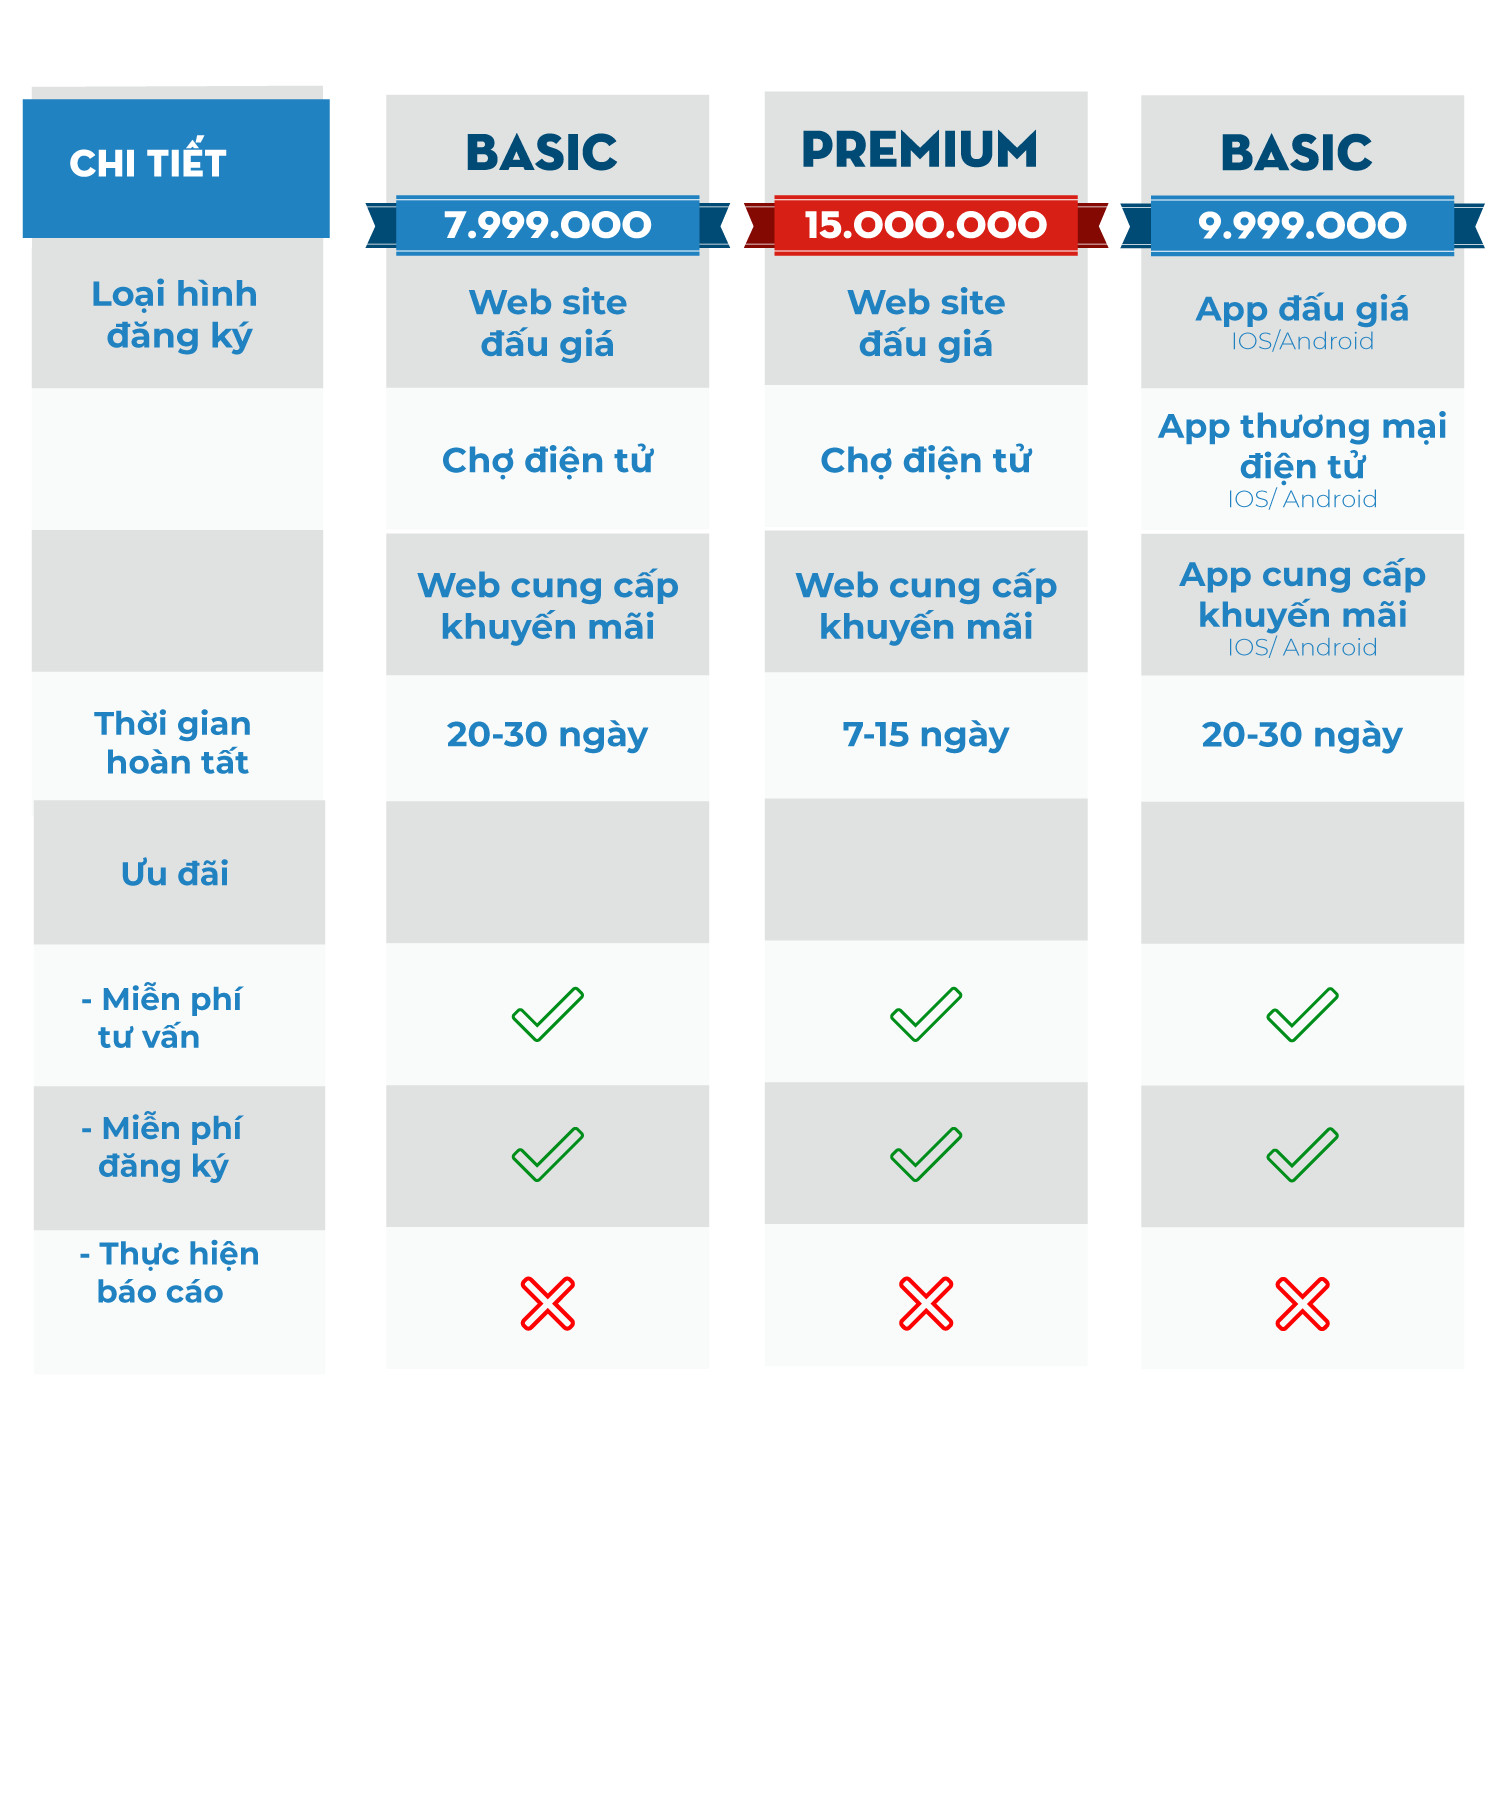 Bảng giá đăng ký bộ công thương